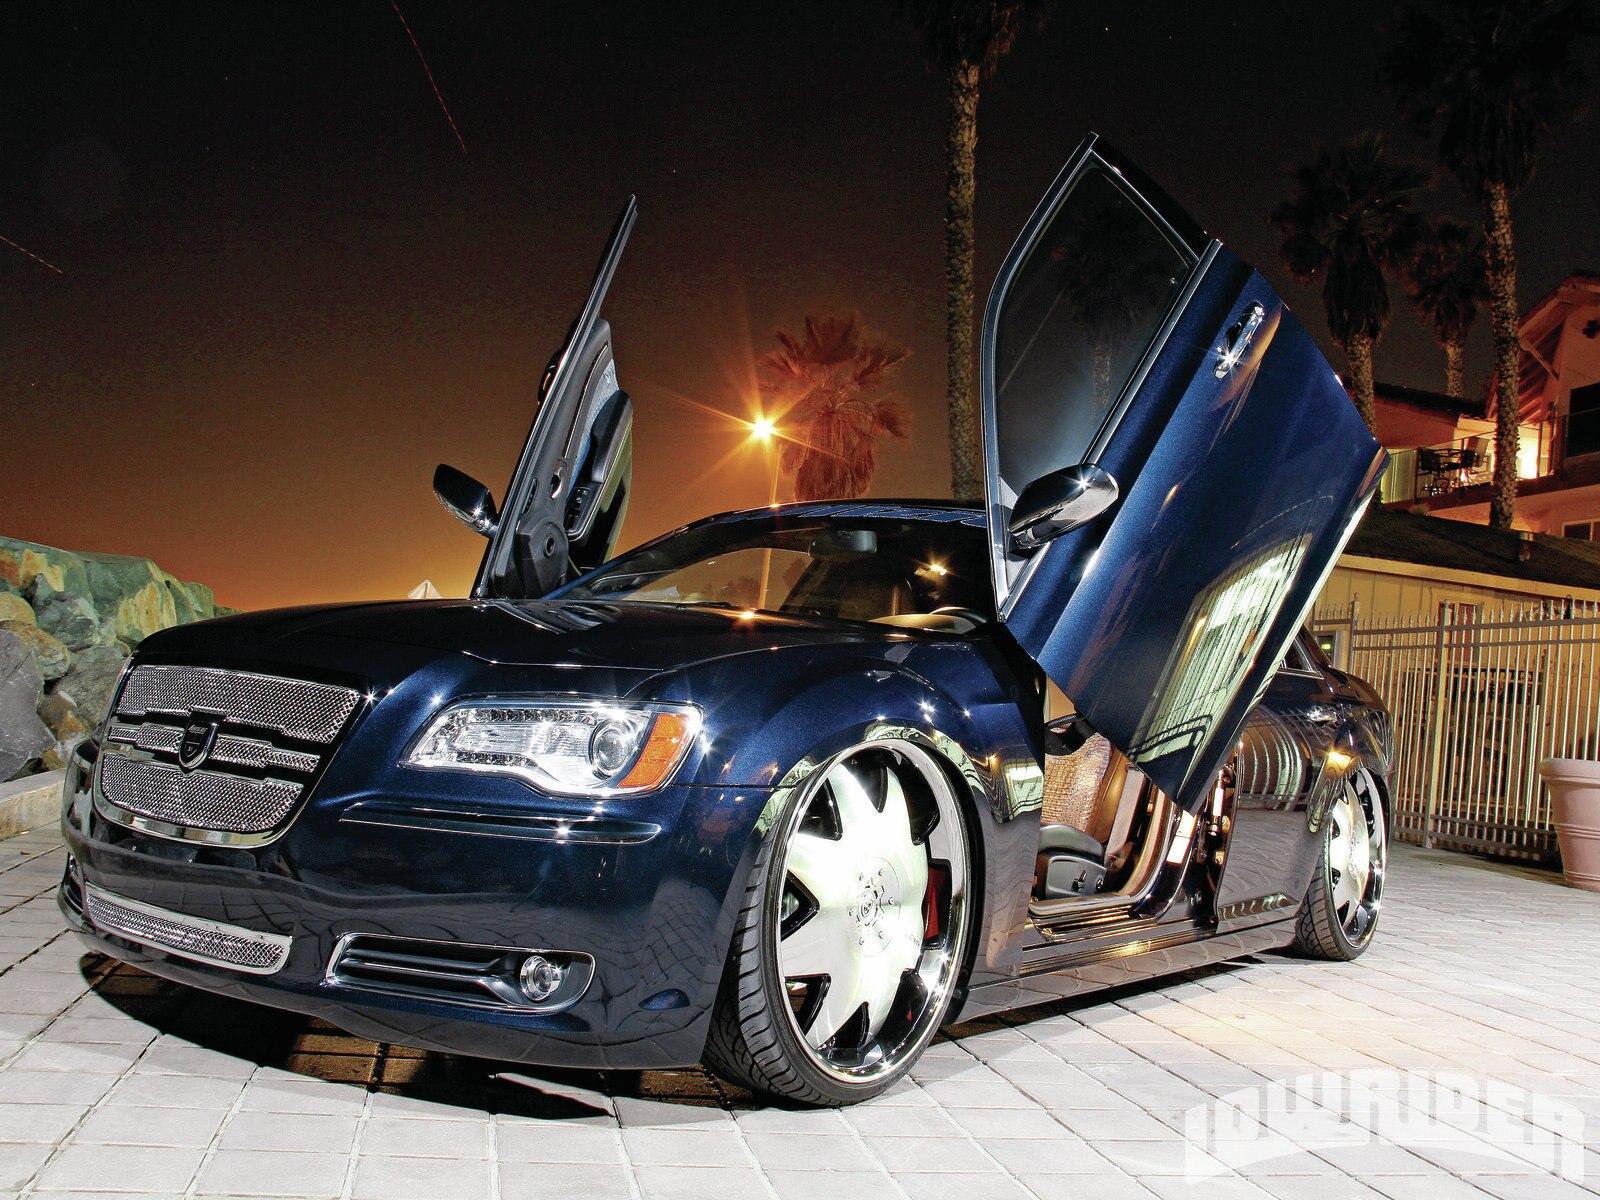 1207-lrmp-01-o-2011-chrysler-300-lambo-doors1